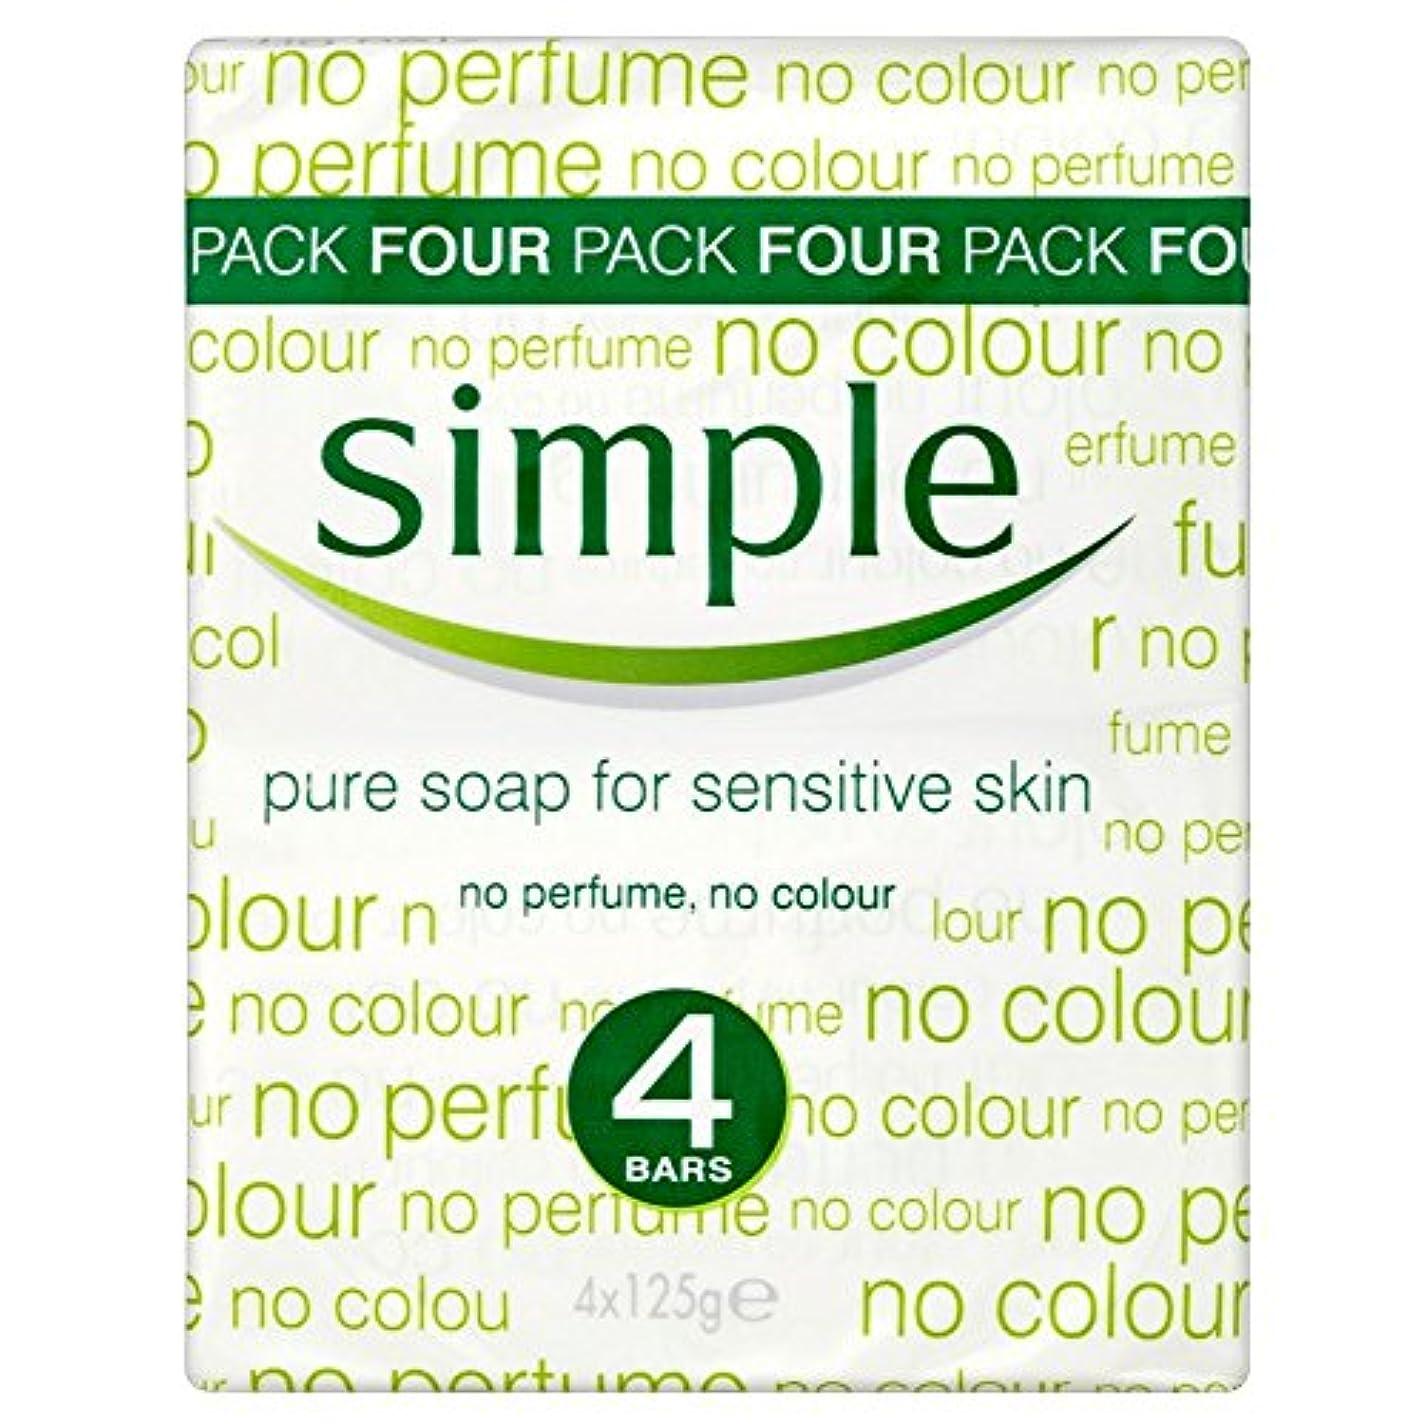 支給乳グラスSimple Pure Soap for Sensitive Skin (4x125g) 敏感肌のためのシンプルな純粋な石鹸( 4X125G ) [並行輸入品]